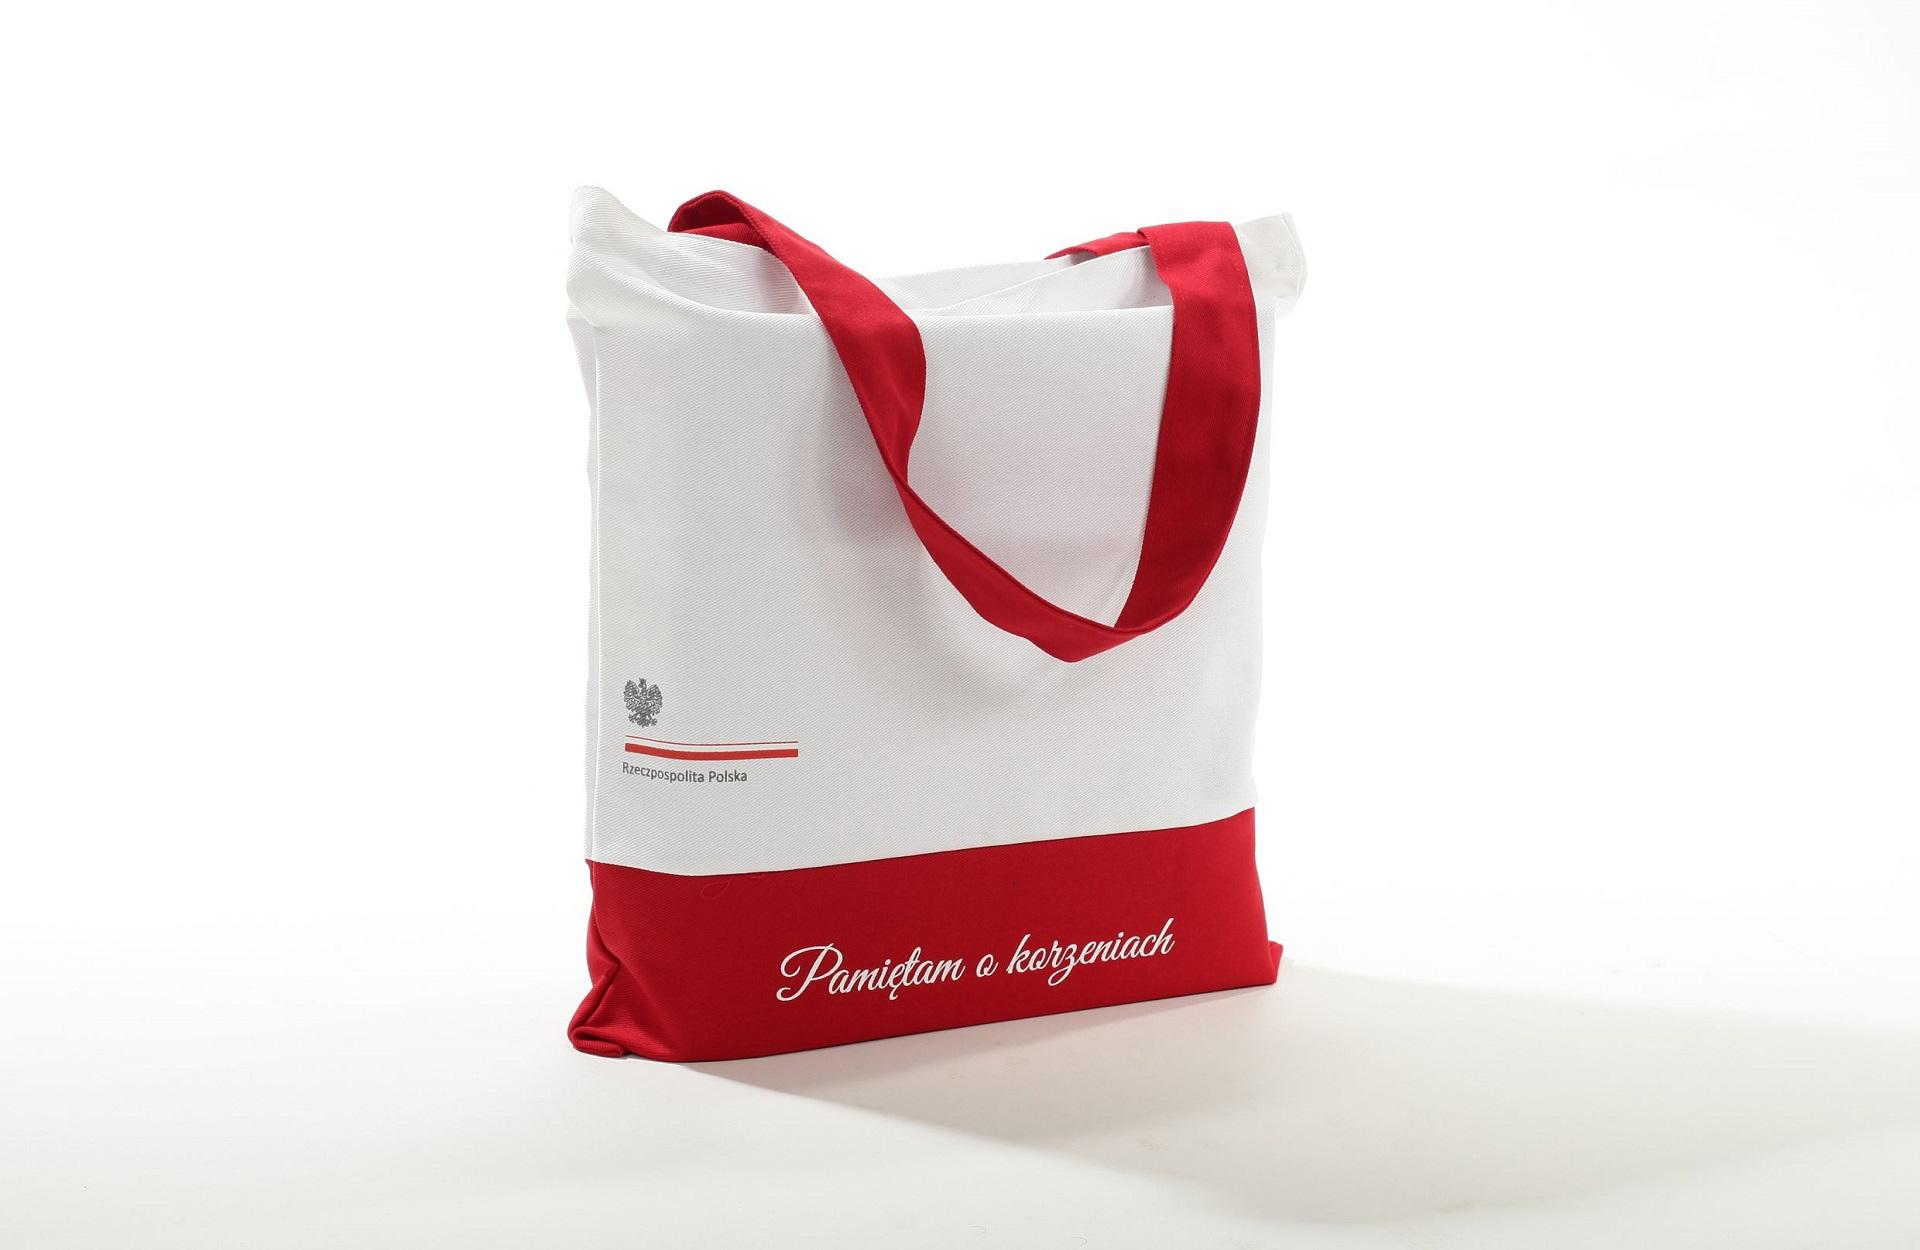 torby bawełniane łódź (2)